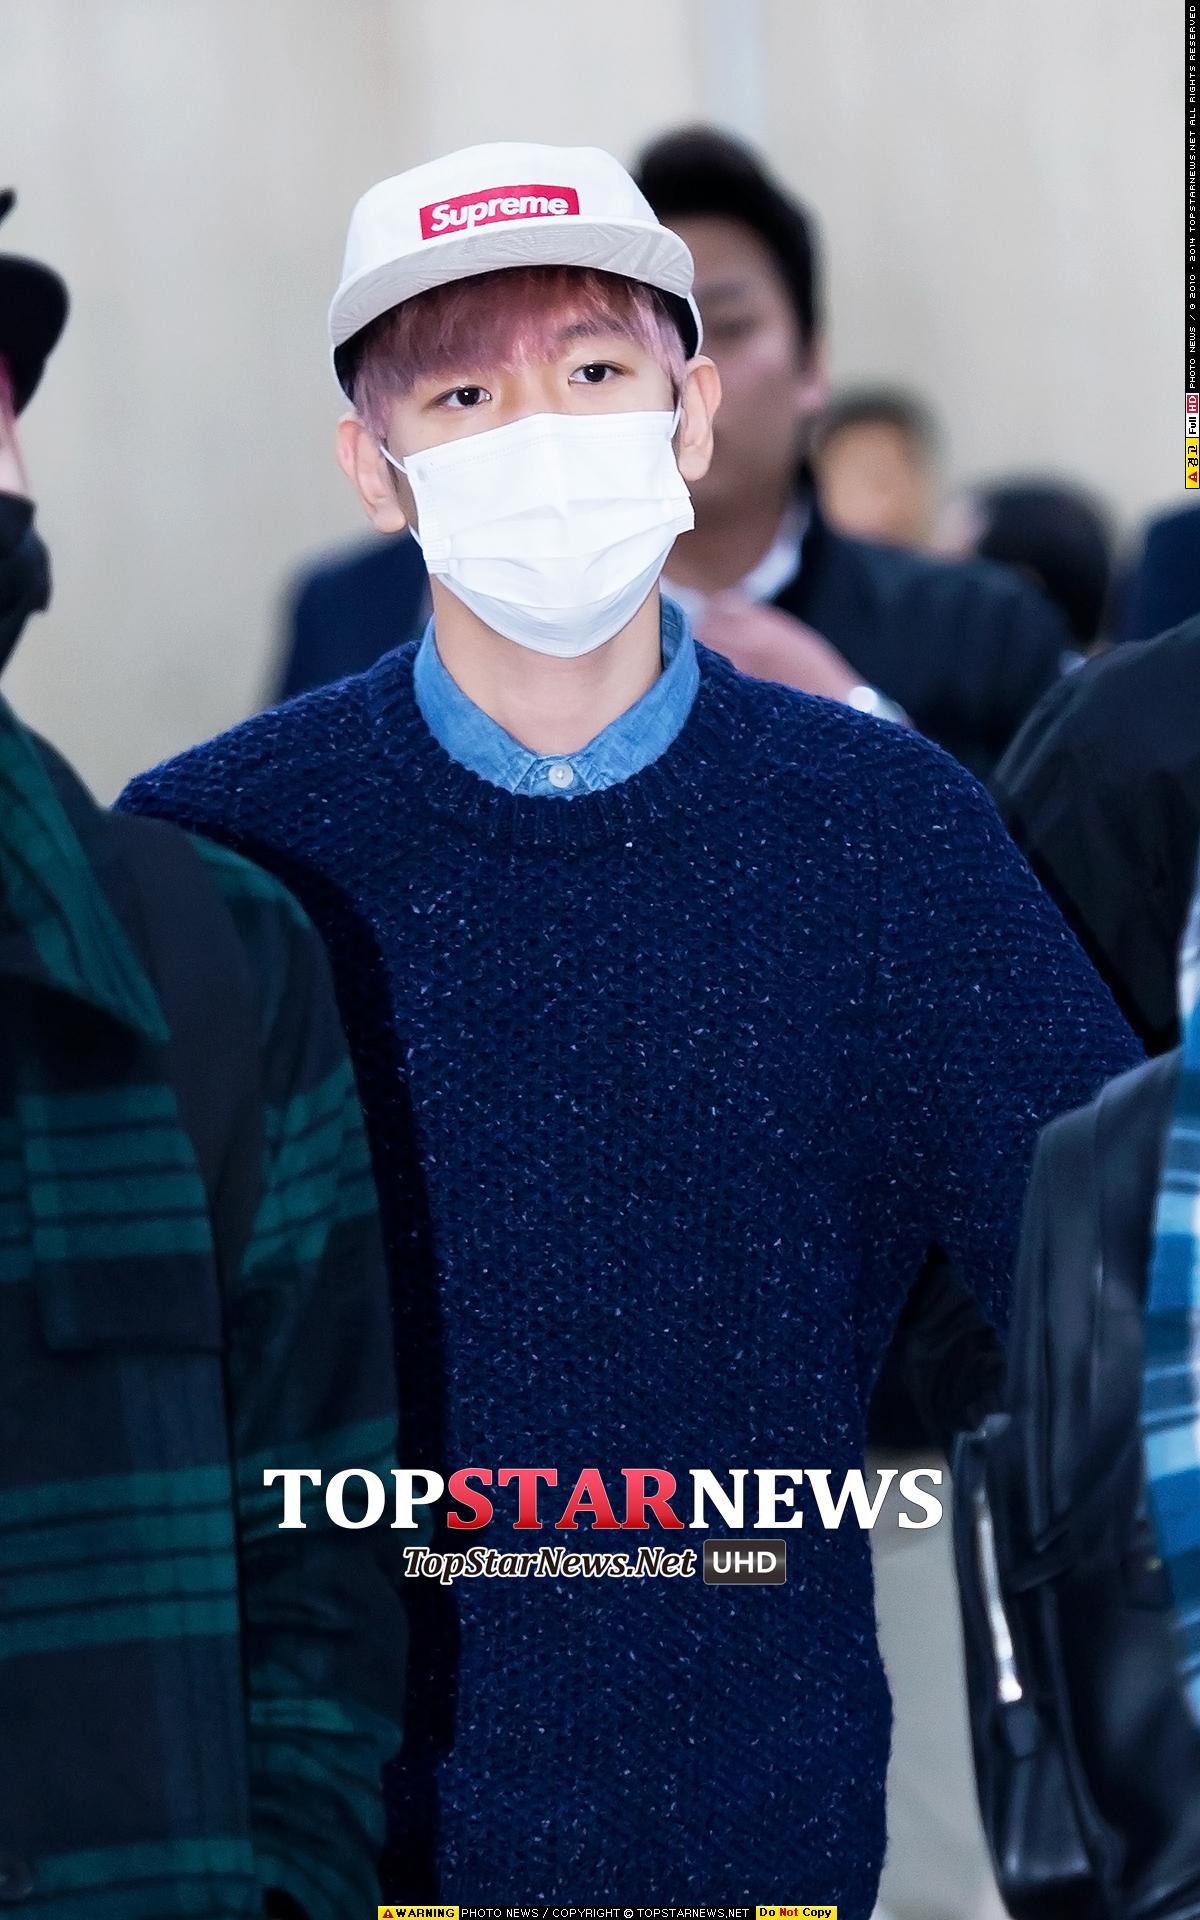 韓國現在已經滿有秋冬的感覺了,所以可以像這樣伯賢穿,在襯衫外面套一件「針織衫」,不僅好看還很保暖。